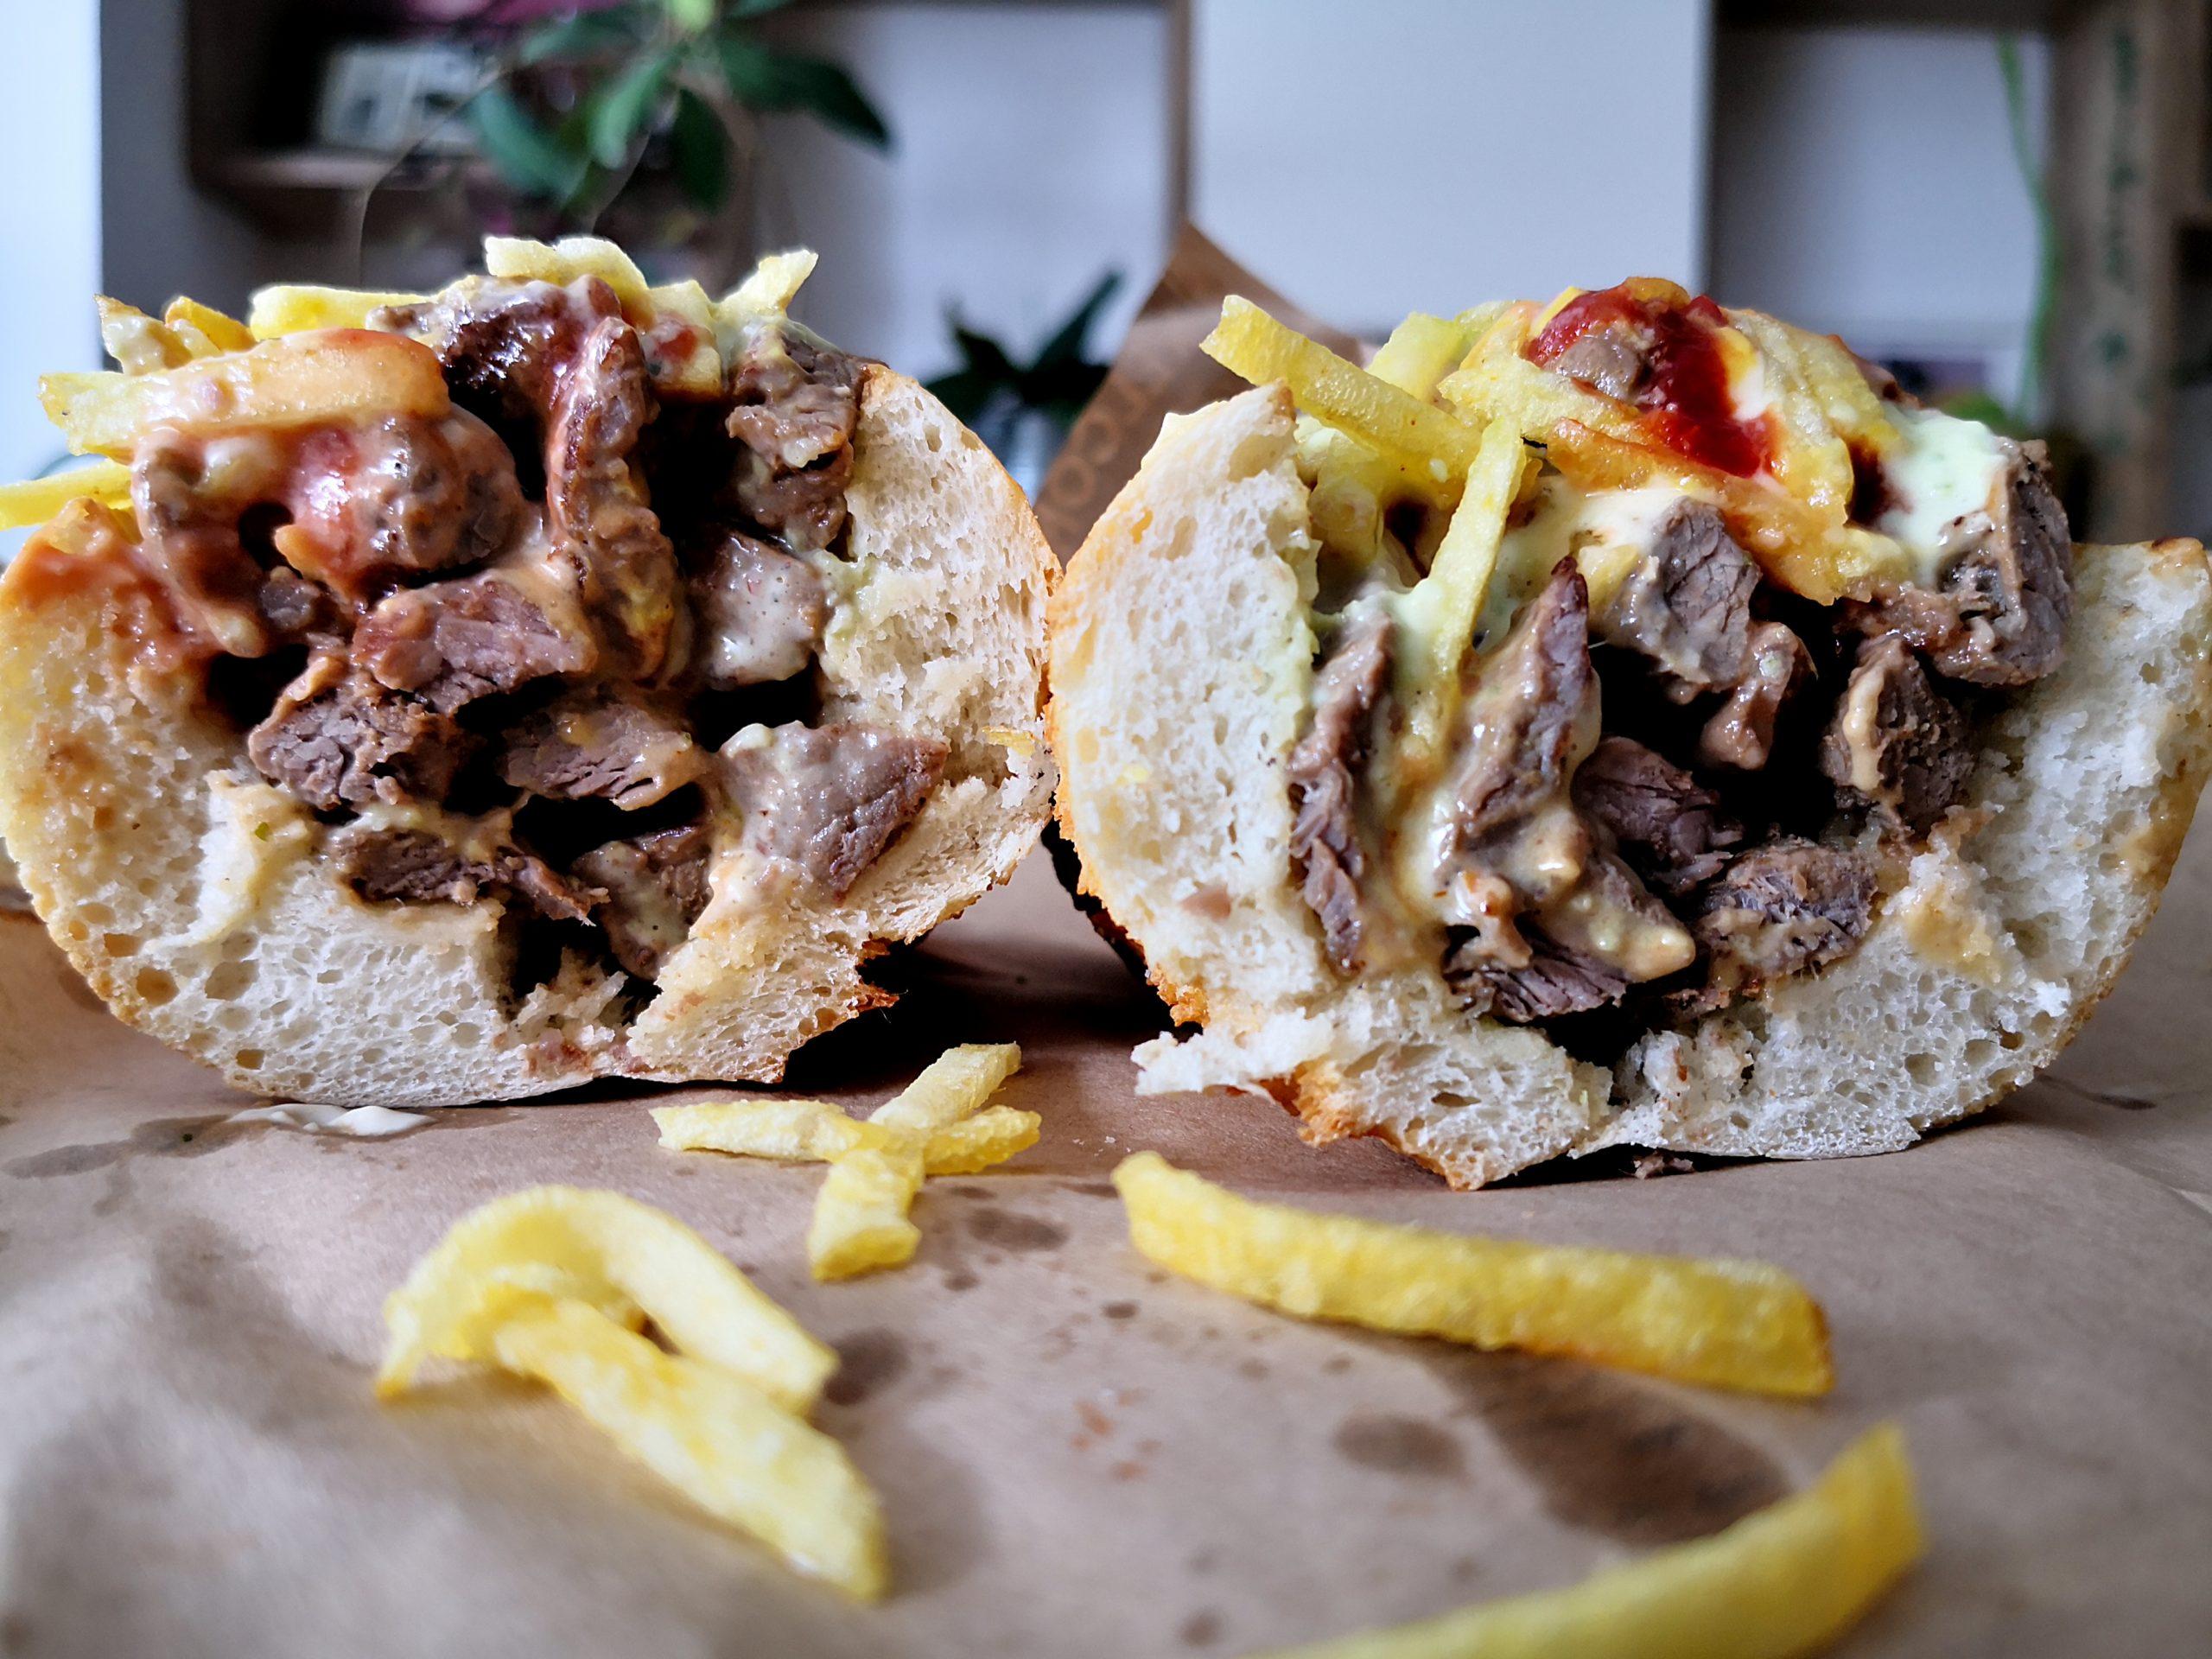 De dragul gogoșilor delicioase din București. Berliner Donuts și niște street food venezuelean la Pepitos